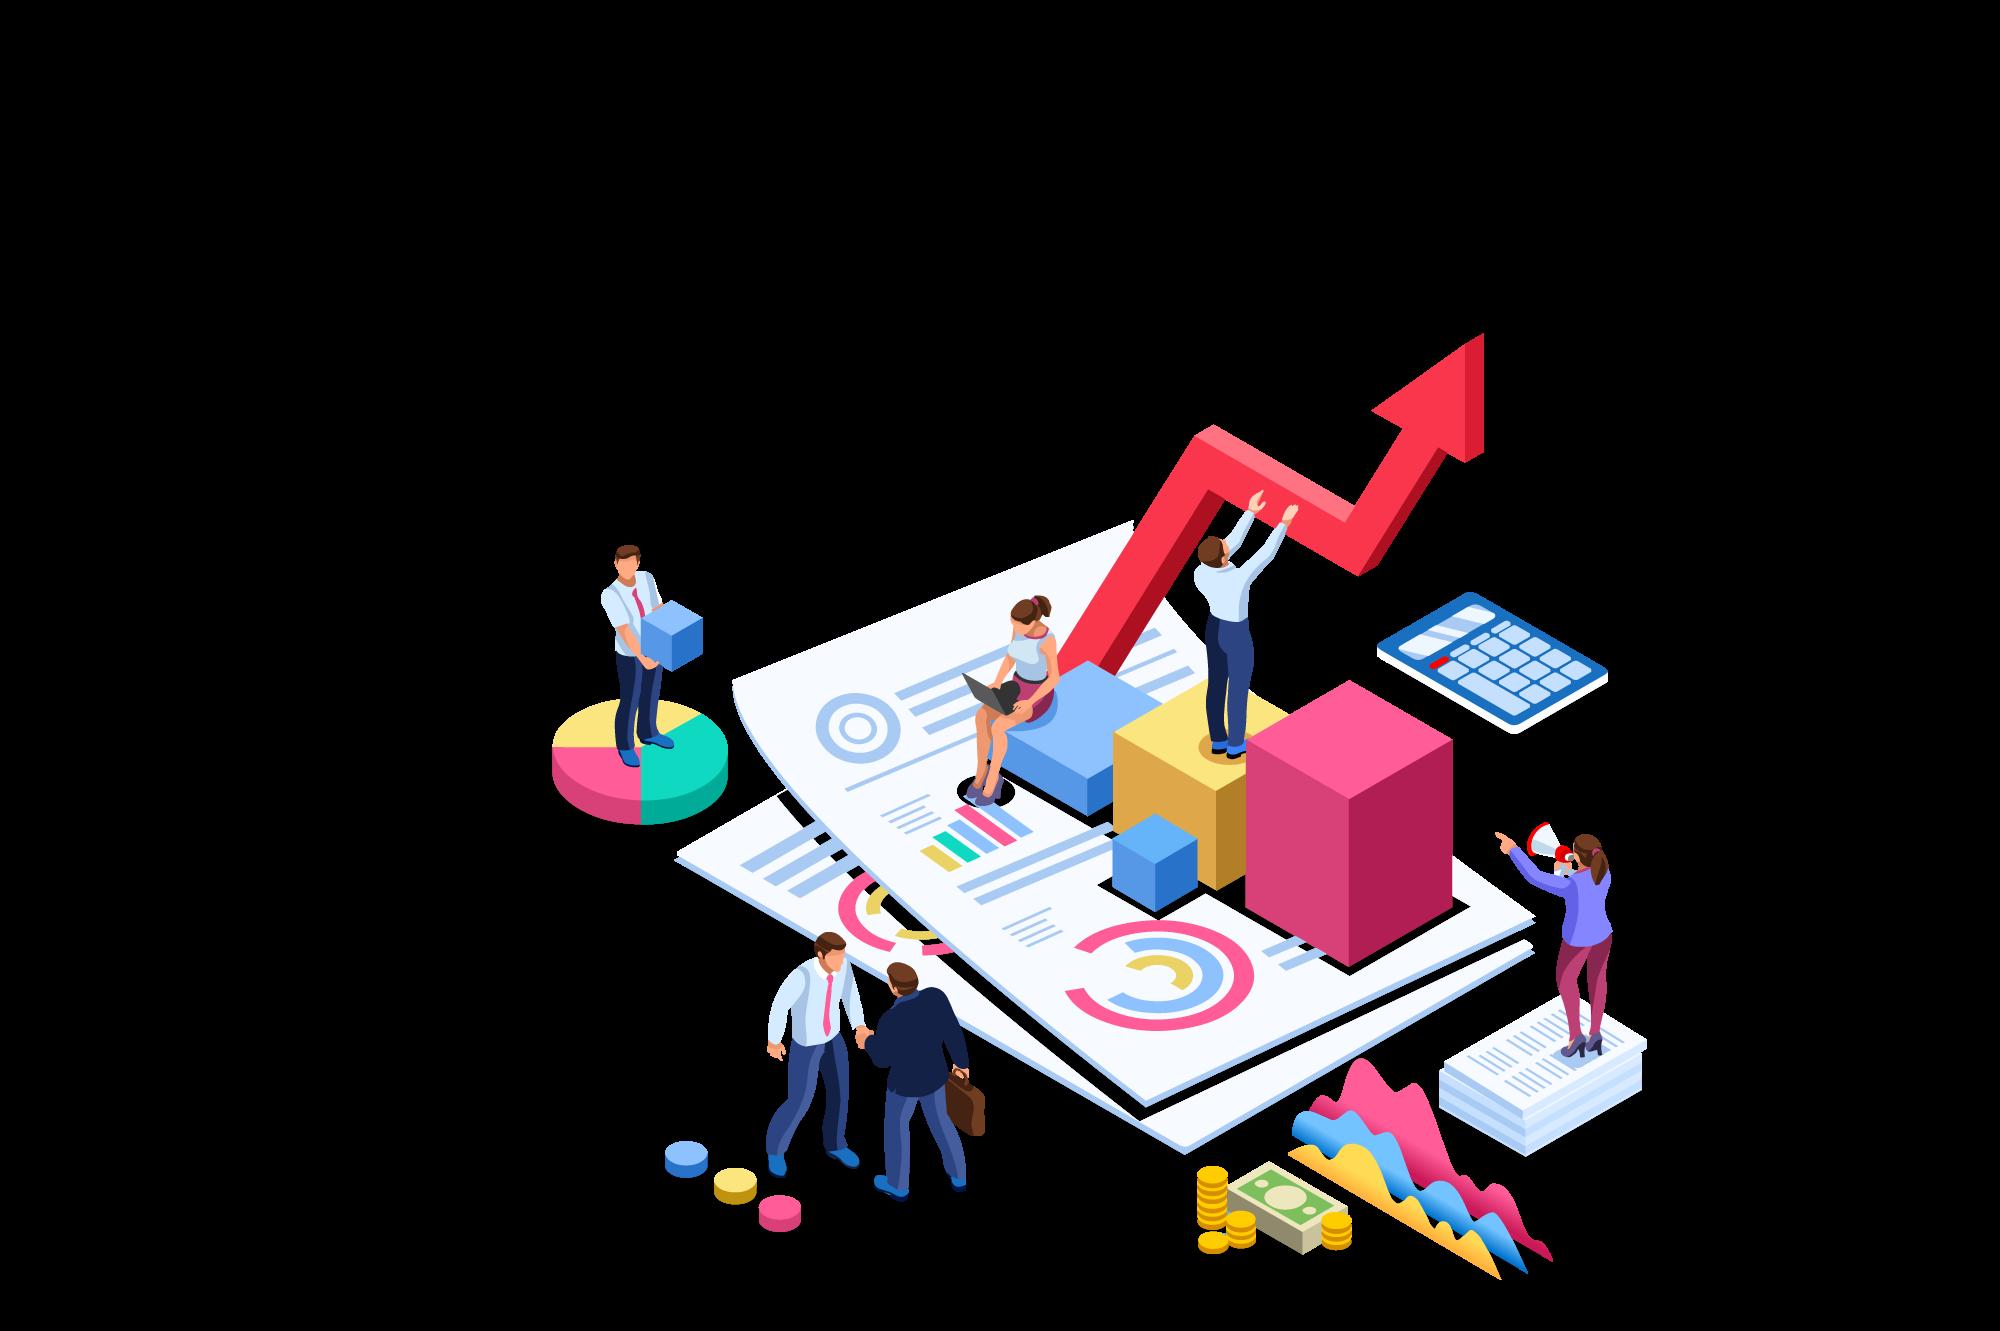 Guia da gestão financeira empresarial completa | Por onde começar a gestão financeira?